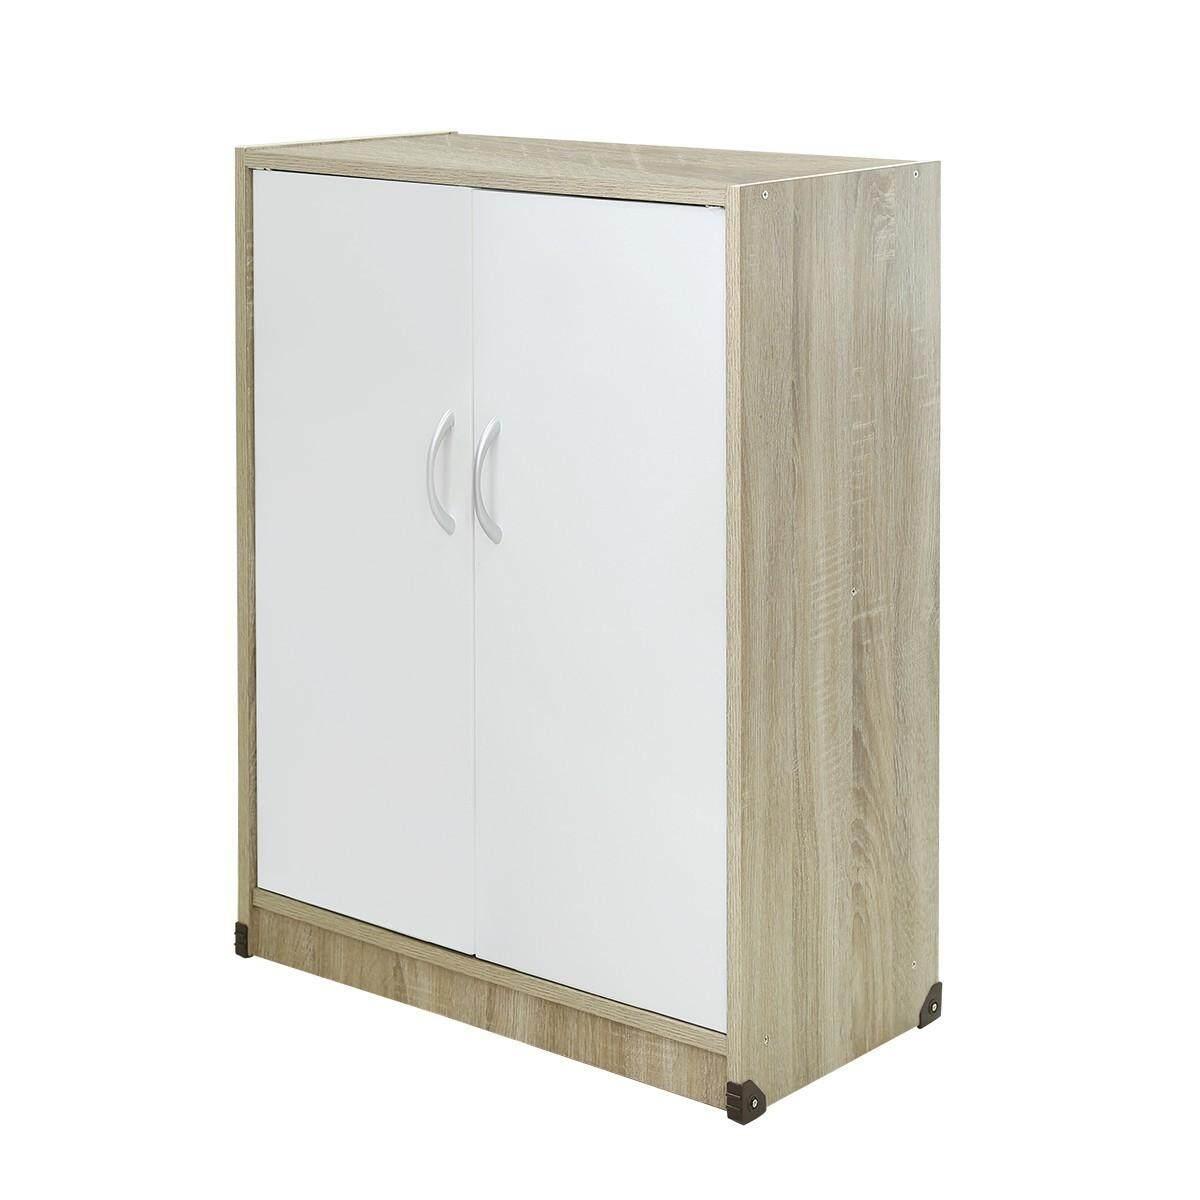 ตู้รองเท้า4ชั้น Size W60 D30 H80 cm.ส่งไวมากไม่เกิน2-3วันทำการด้วยKERRY(มีเก็บเงินปลายทาง) Shoe cabinet  wooden 4 layers